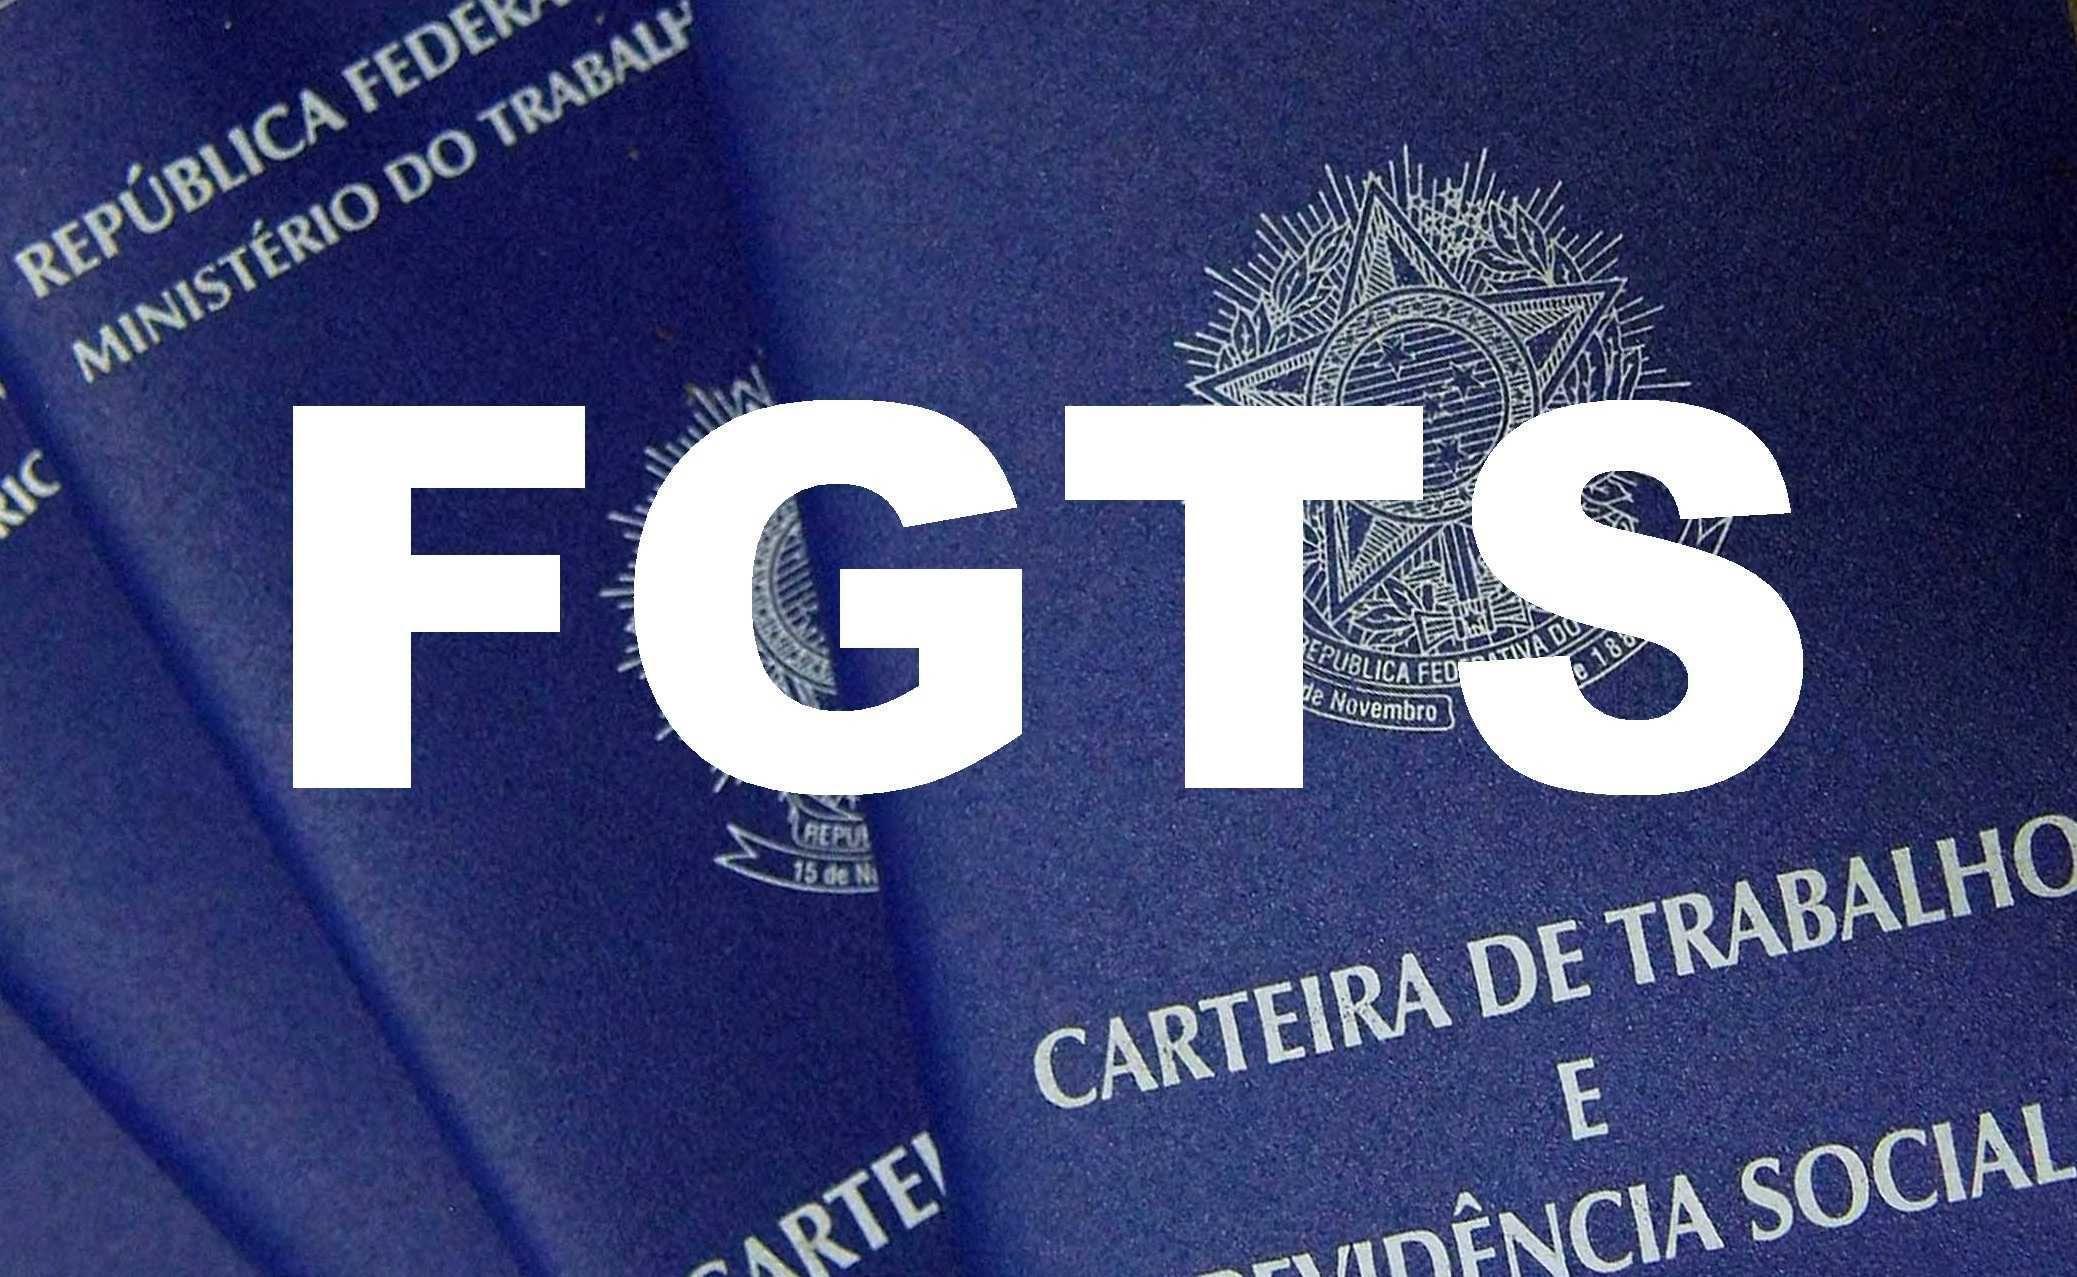 Saldo do FGTS de 1999 a 2013 pode ter correo de 48 a 88 Rede Jornal Contbil - Contabilidade MEI crdito INSS Receita Federal